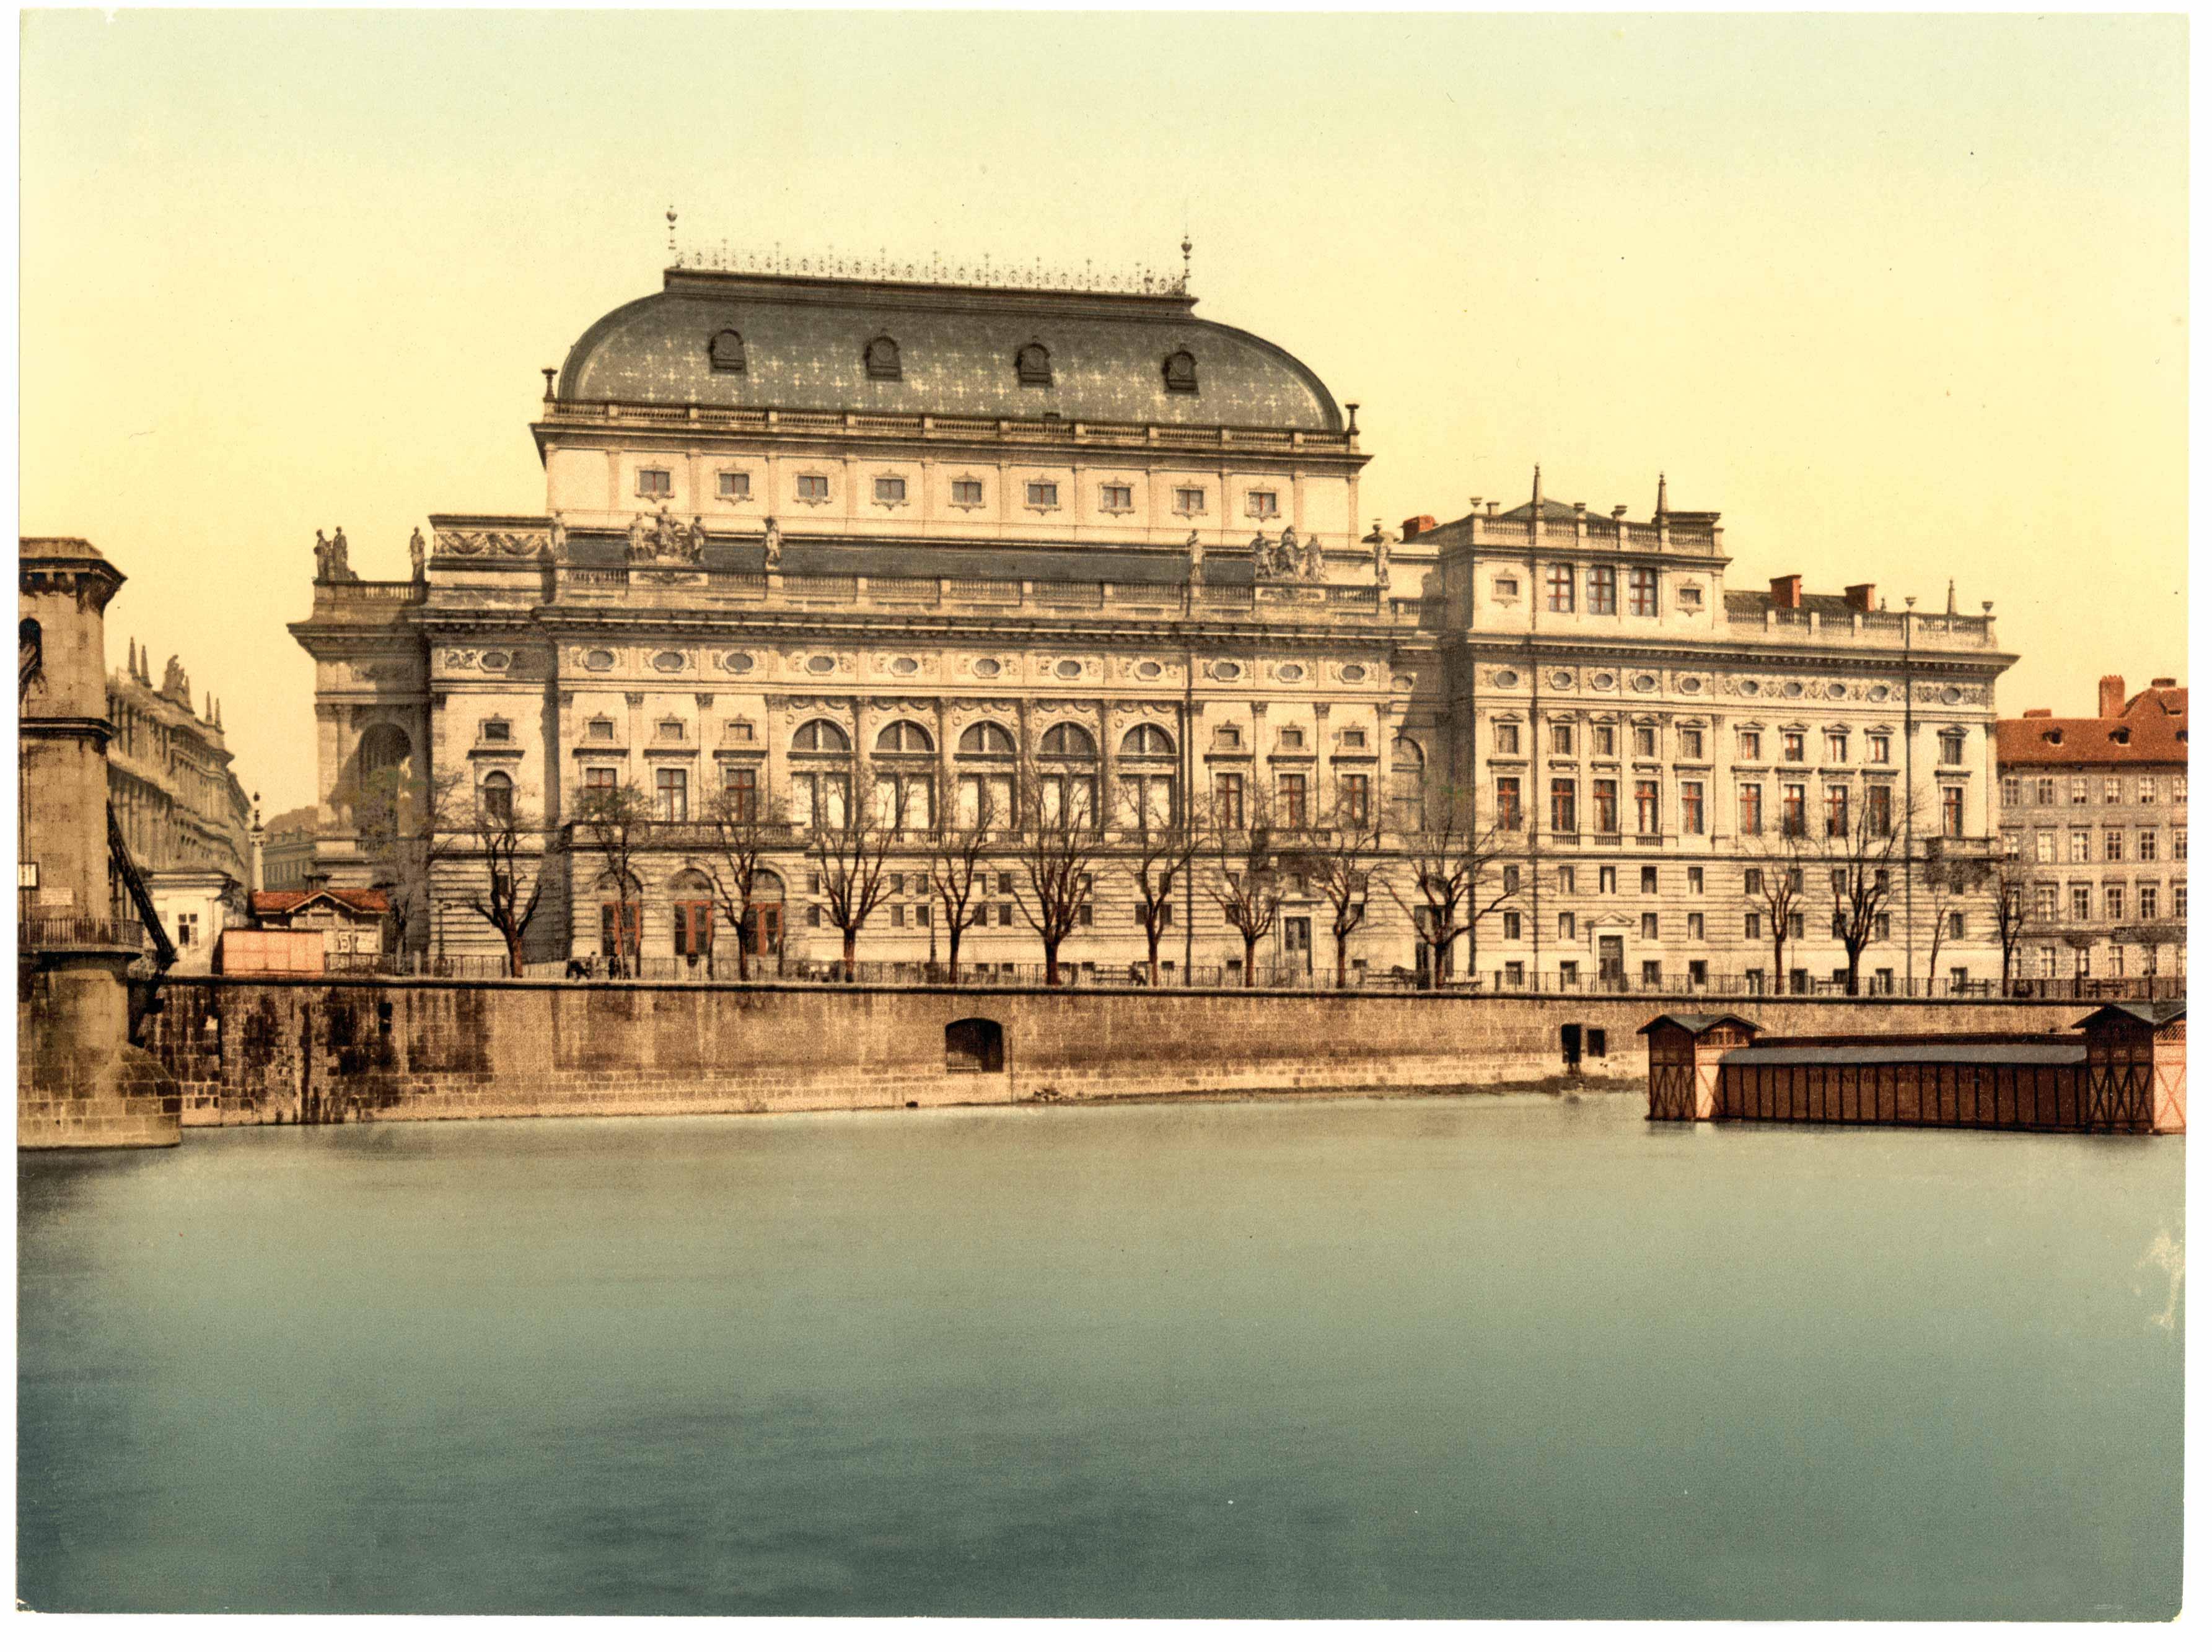 קפקא הצעיר צרך באובססיביות תרבות מכל הסוגים, ובשלהי המאה ה־19 הציעה פראג מגוון תרבותי איכותי. תאטרון פראג ב־1890